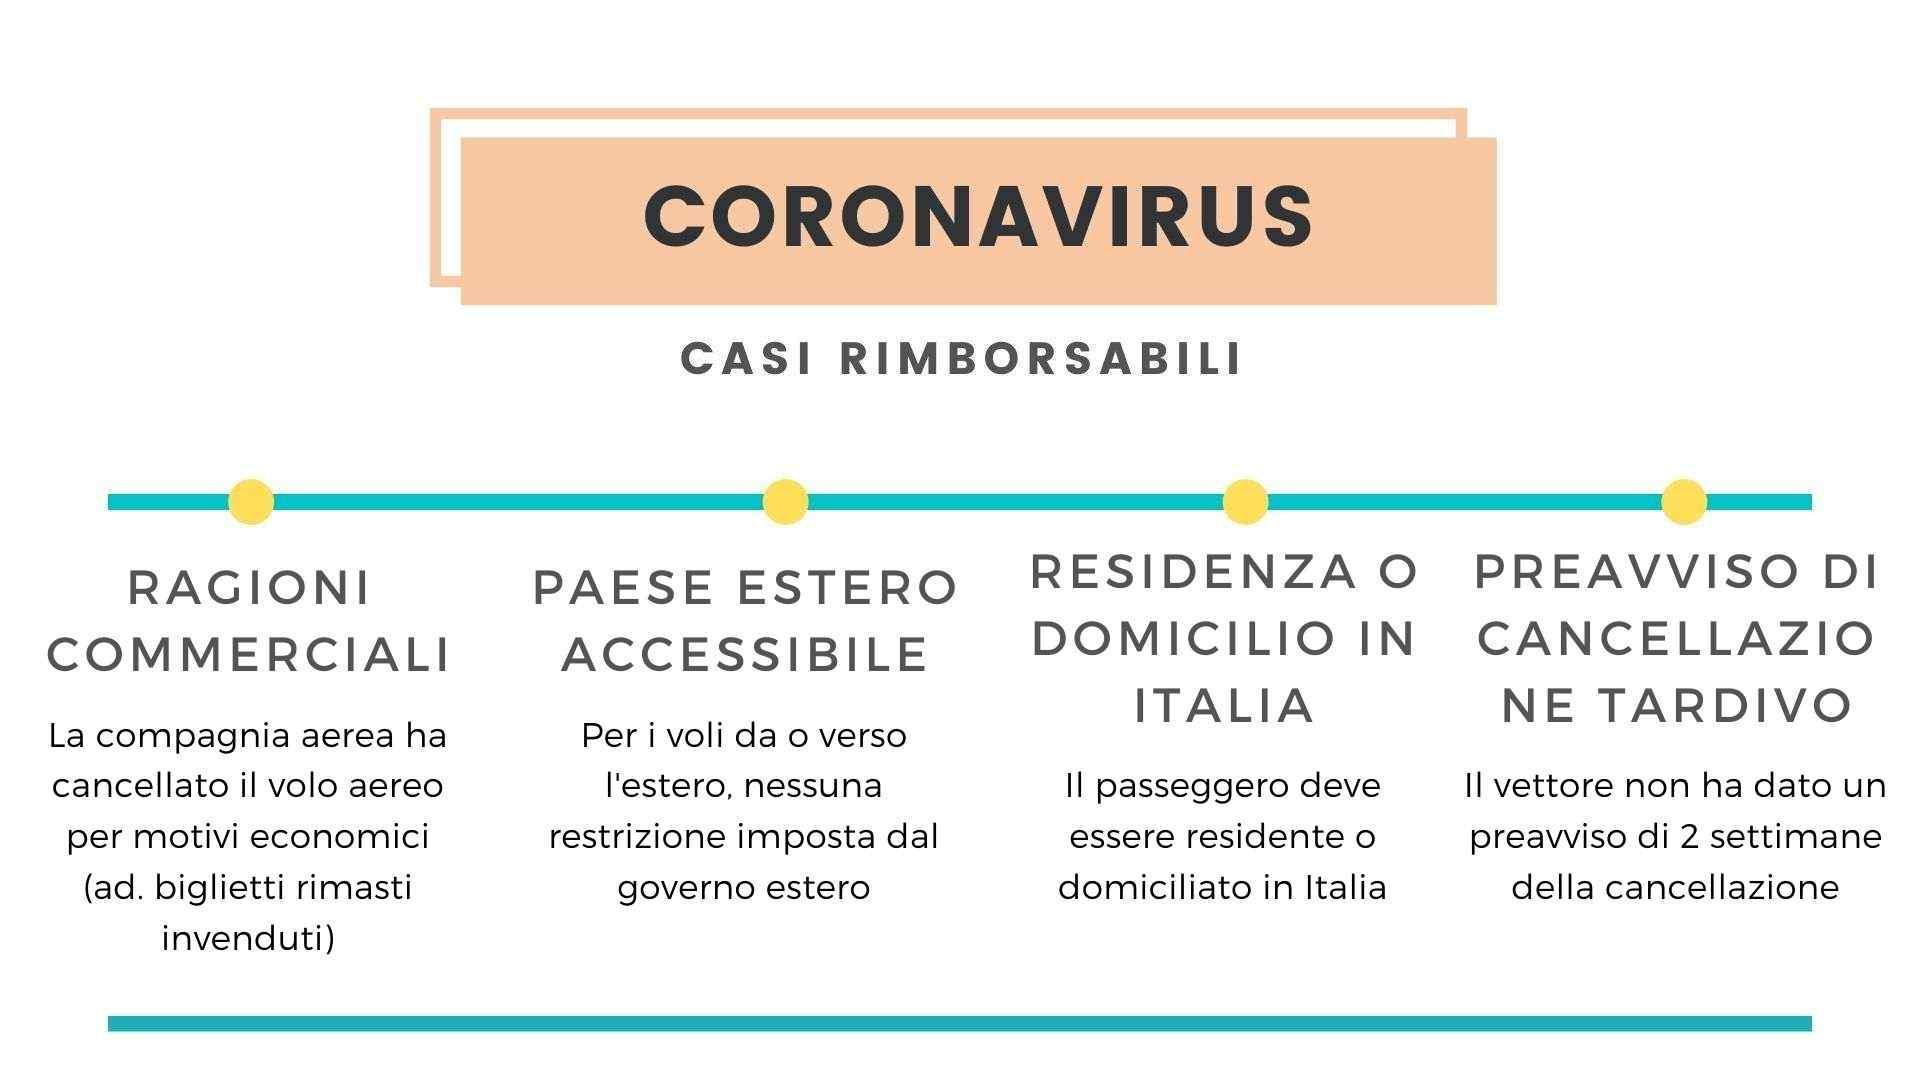 Casi di rimborso volo cancellato per coronavirus